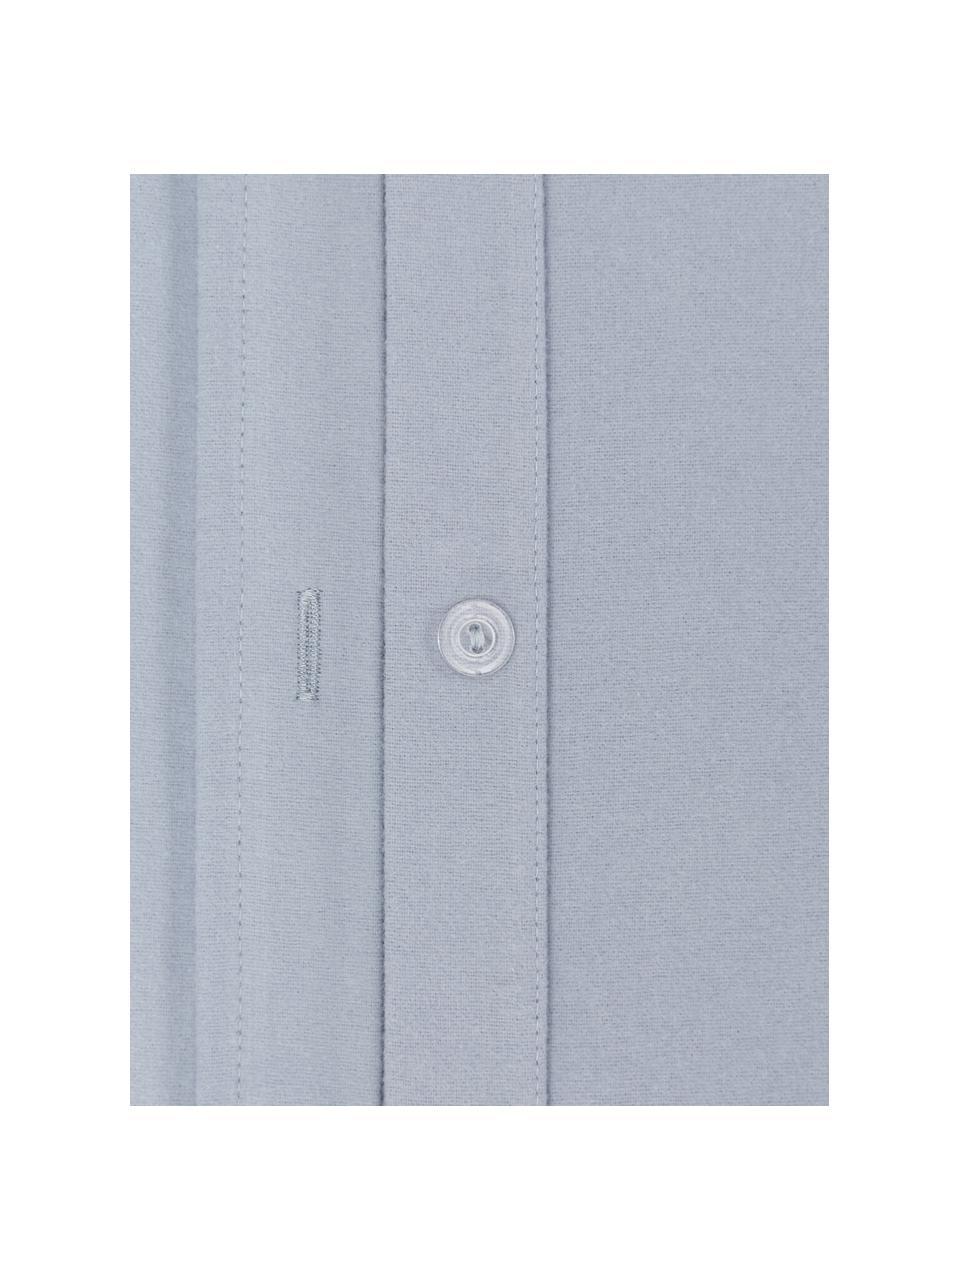 Flanell-Bettwäsche Biba in Blau, Webart: Flanell Flanell ist ein k, Blau, 135 x 200 cm + 1 Kissen 80 x 80 cm